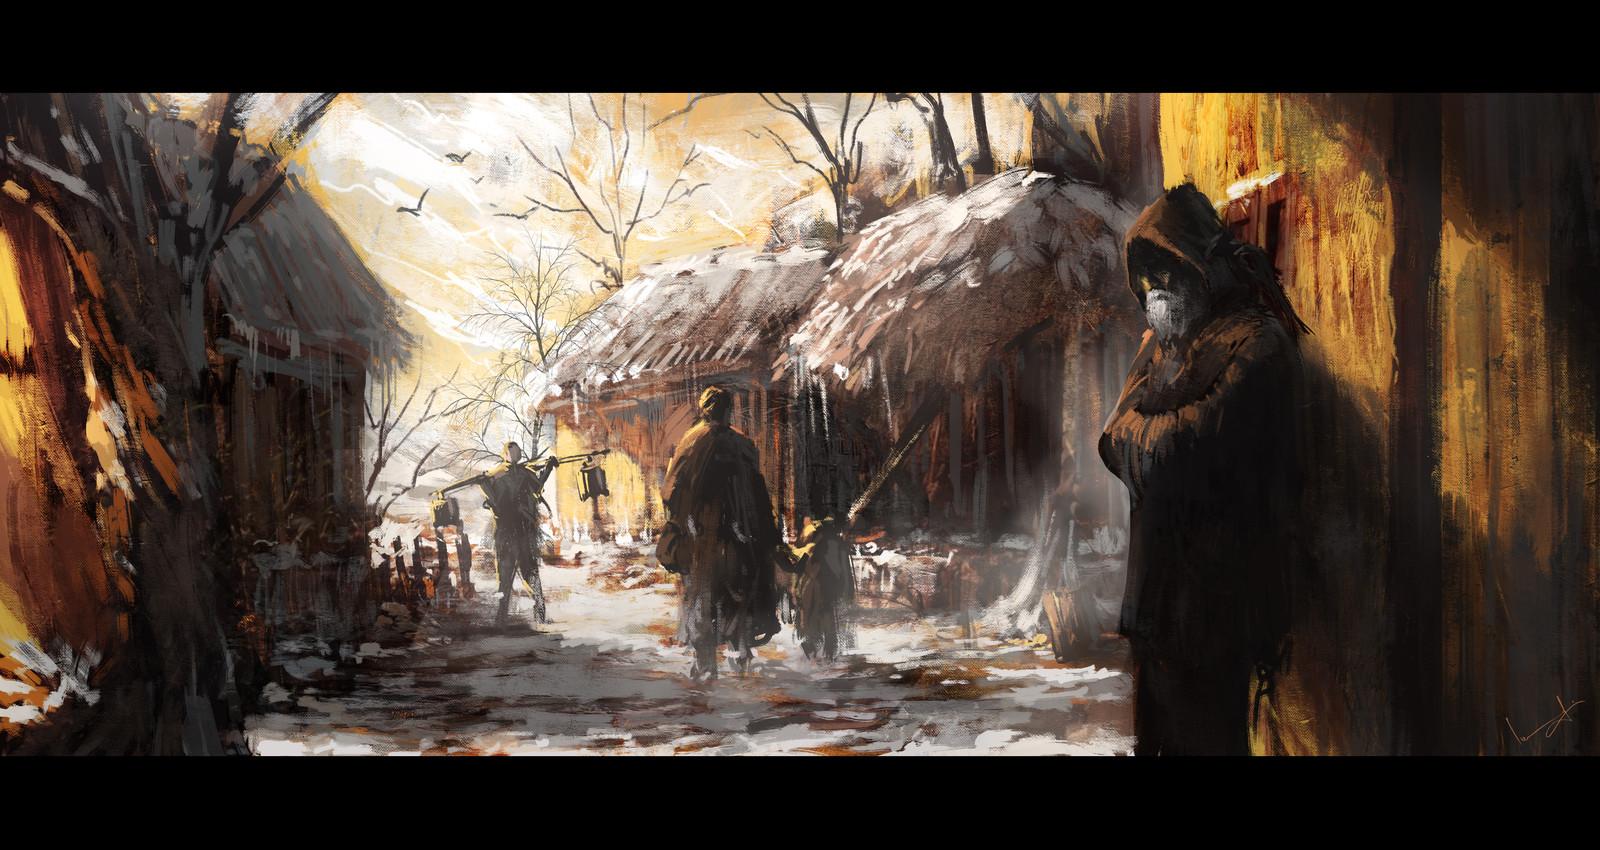 Ard Village